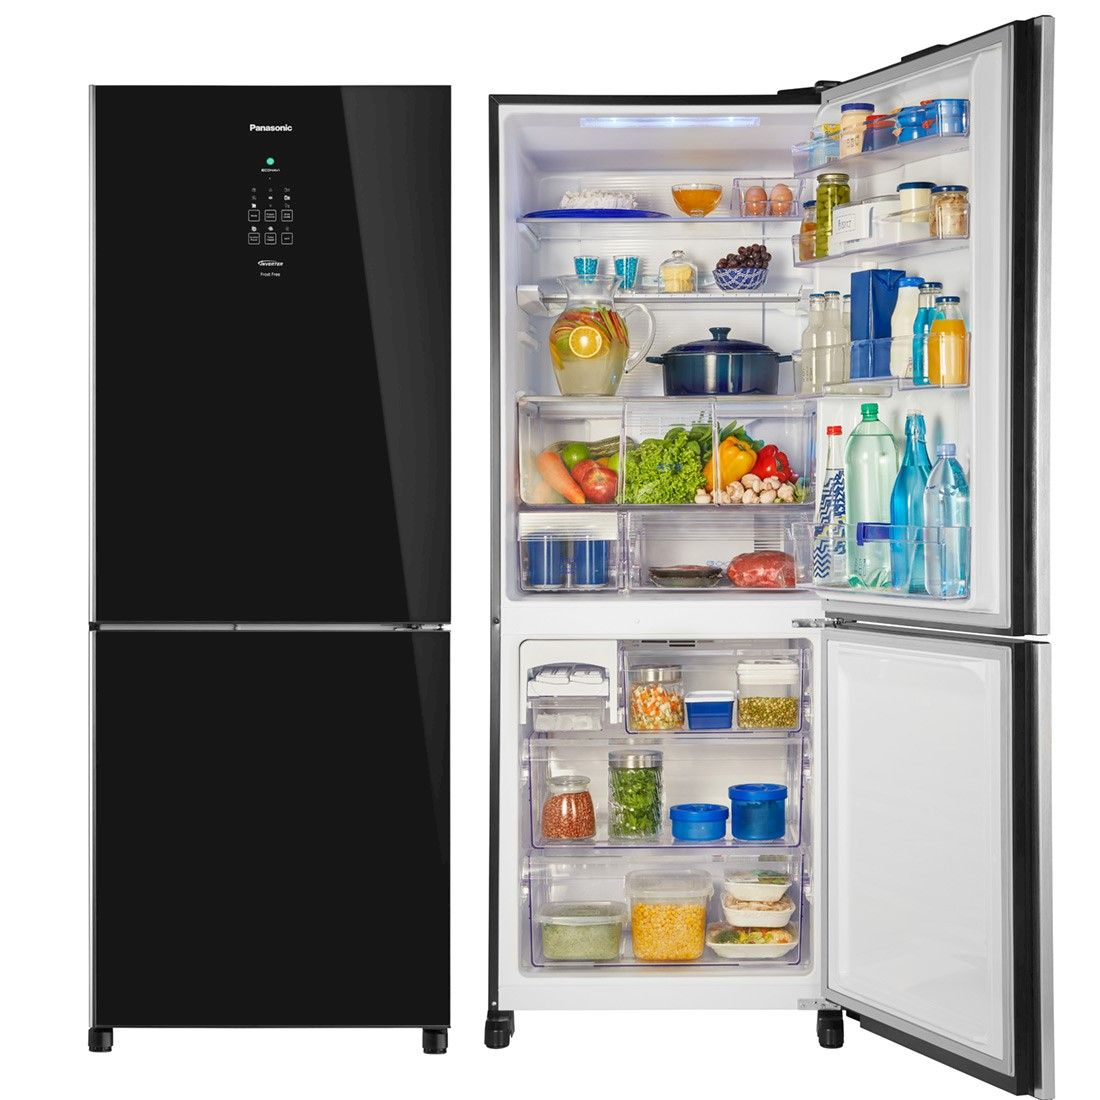 8f61e92a53c5 Refrigerador Panasonic